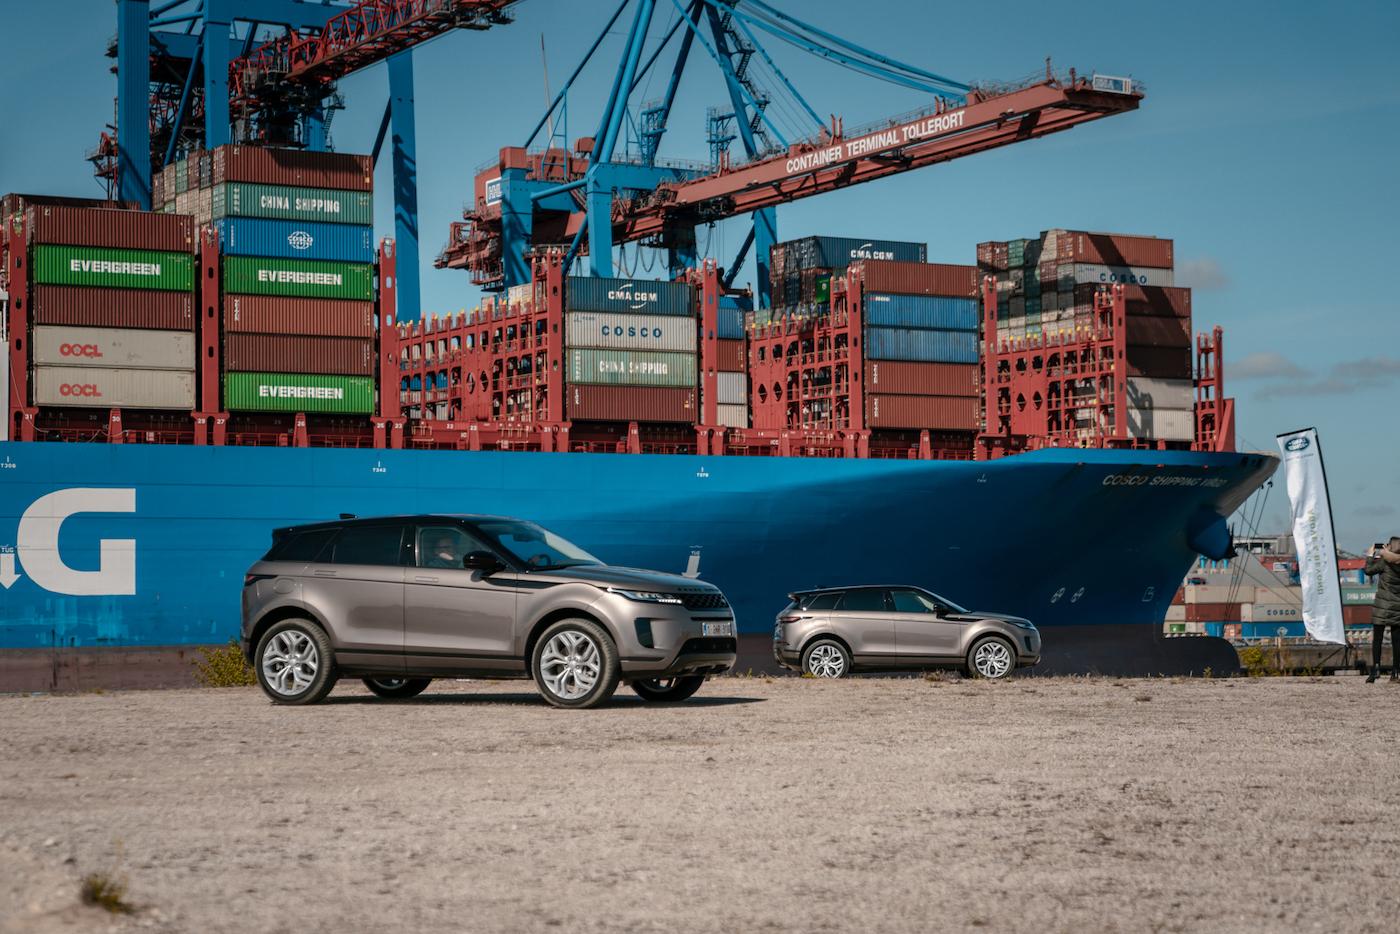 Offroad mal anders: Mit dem neuen Range Rover Evoque durch die Container-Stadt in Hamburg 4